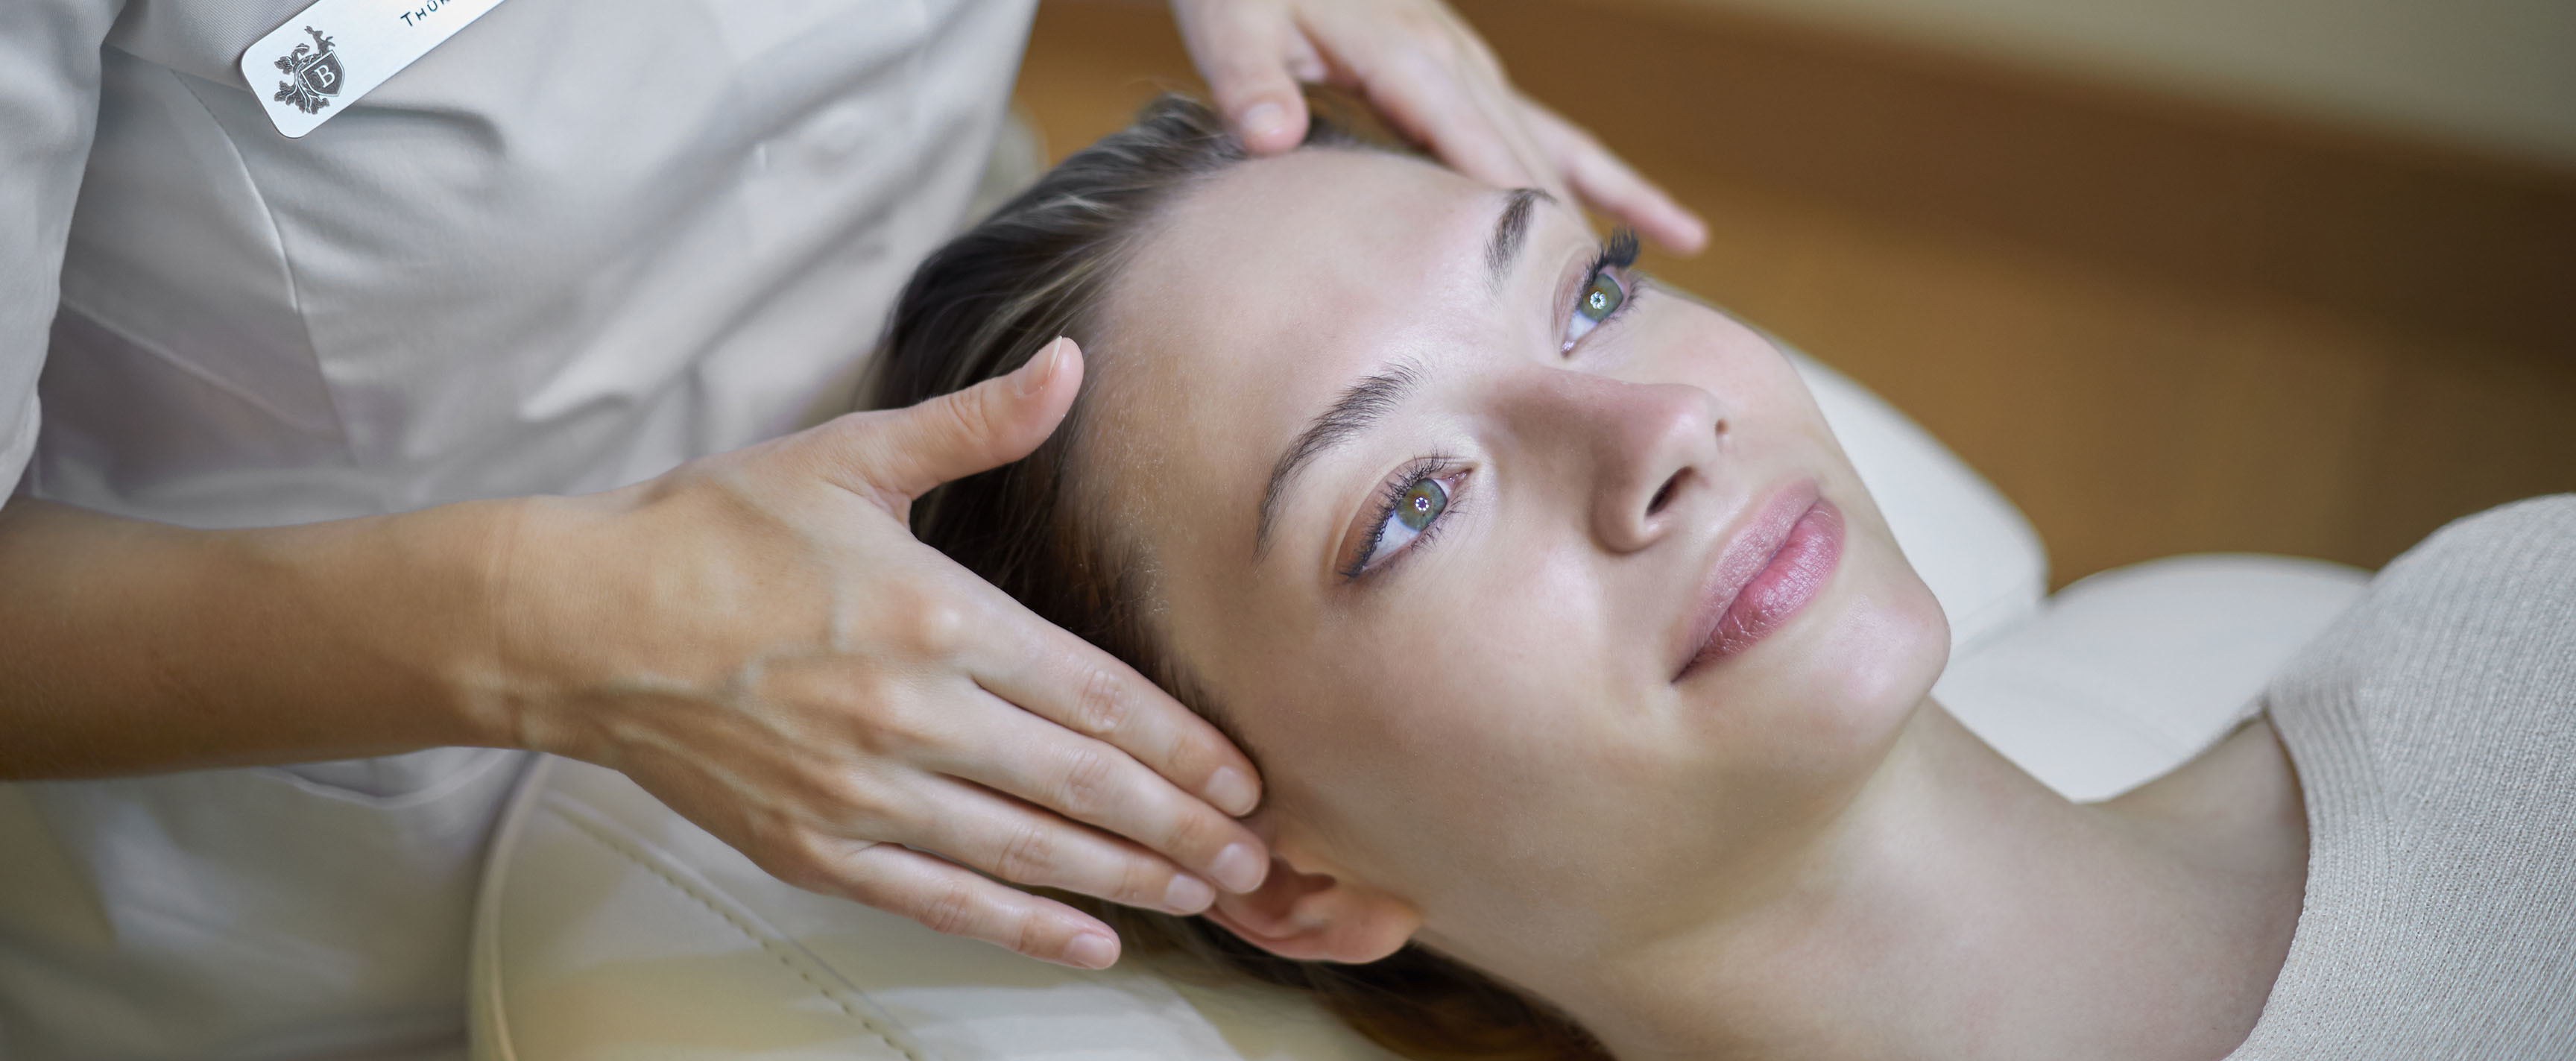 Frau bekommt craniosacrale Behandlung